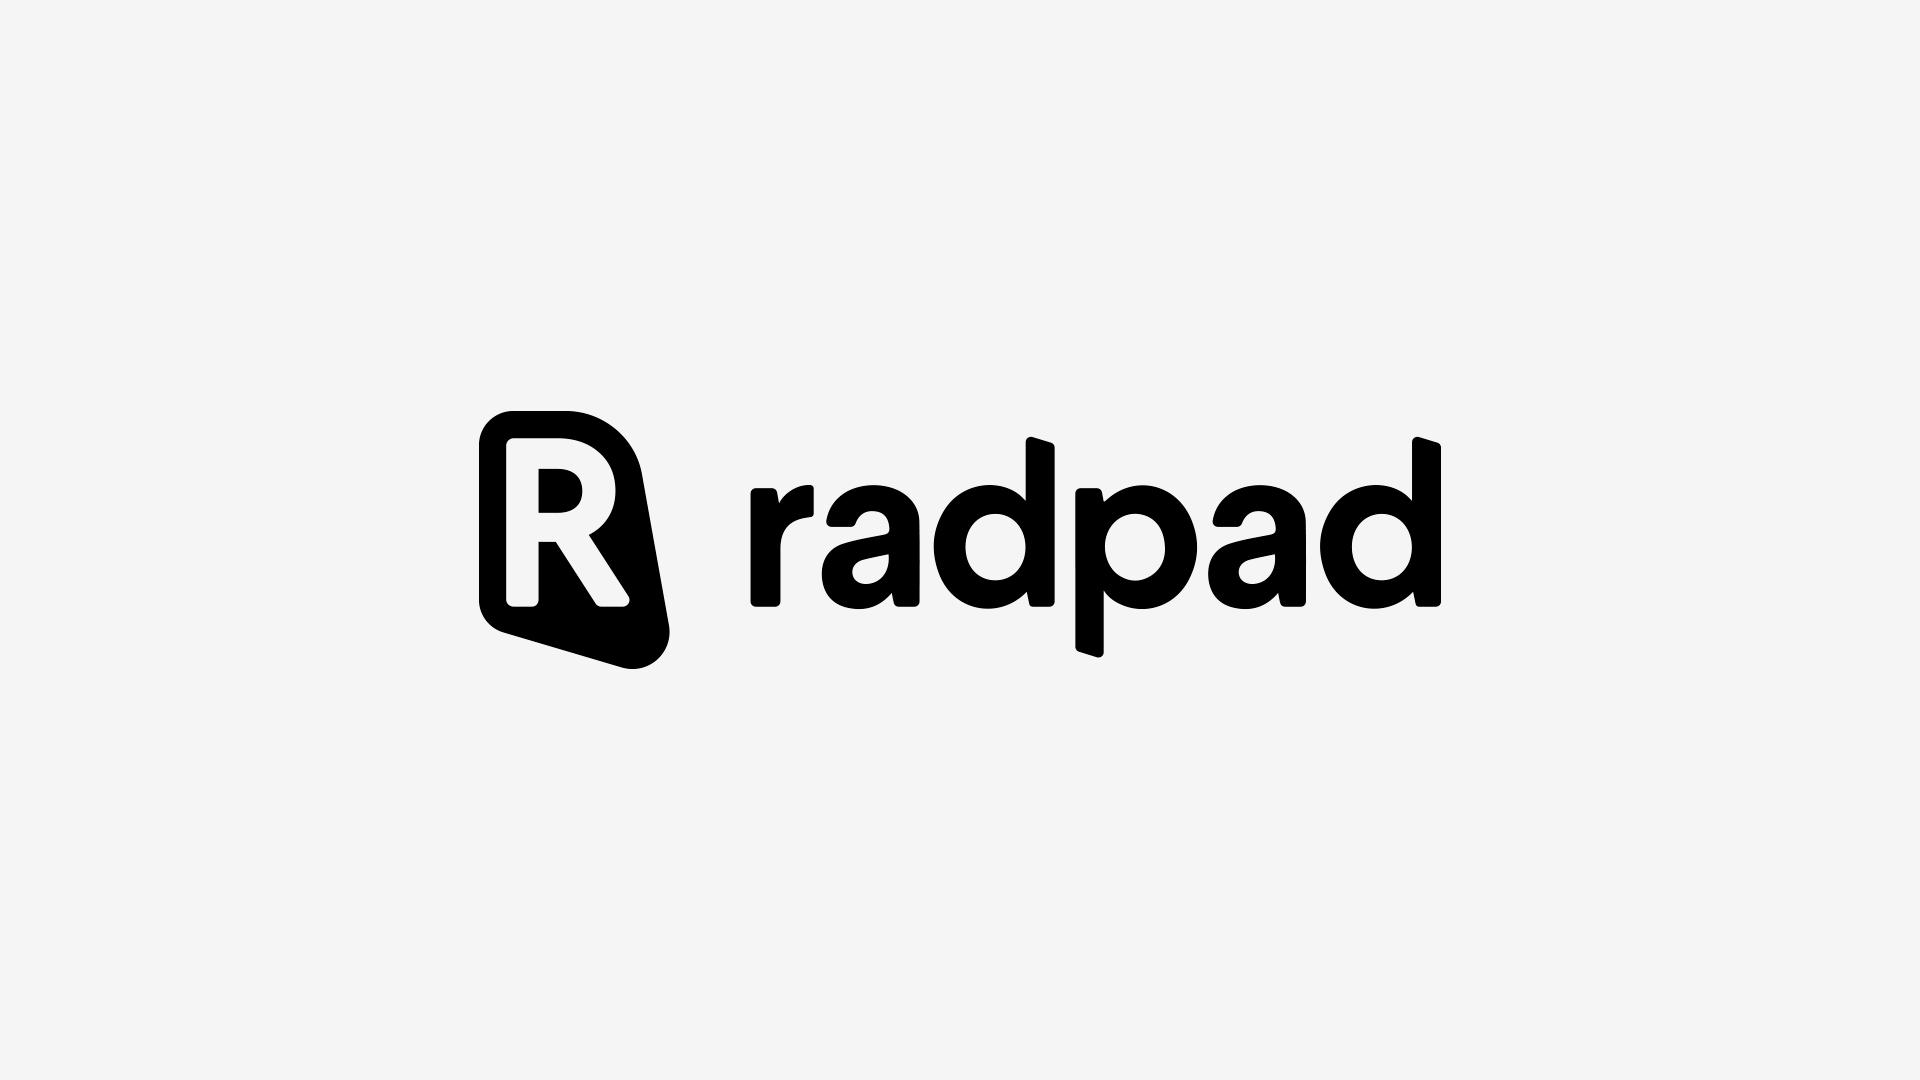 logos_web_radpad.jpg